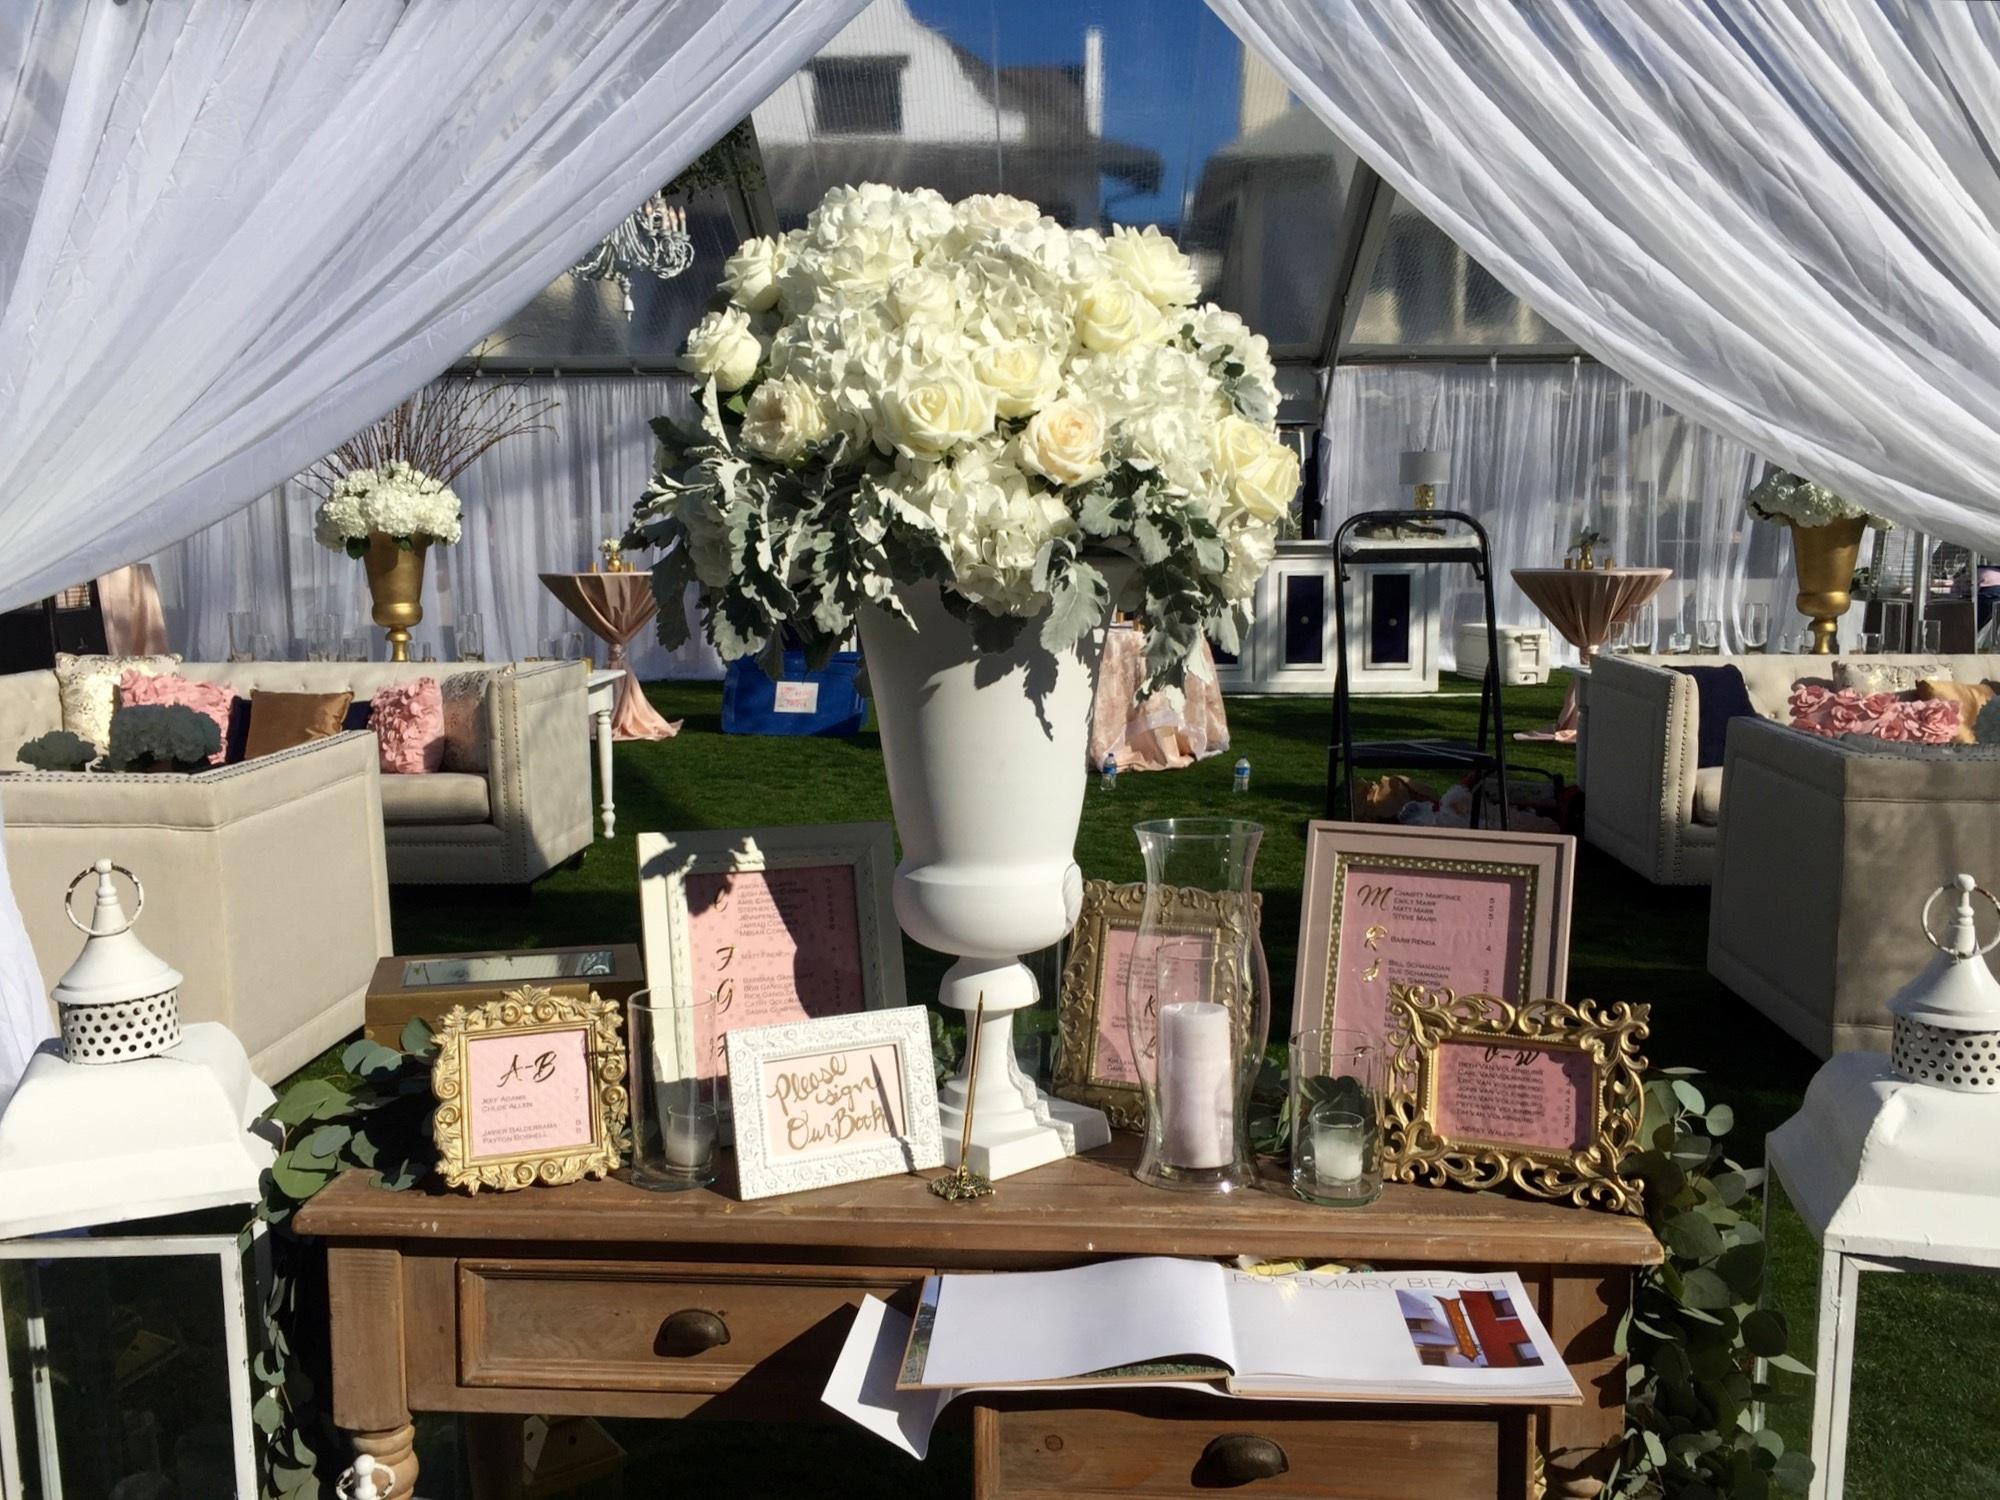 Images gratuites table de plein air blanc fleur maison f te bouquet d coration repas - Table pour brocante ...